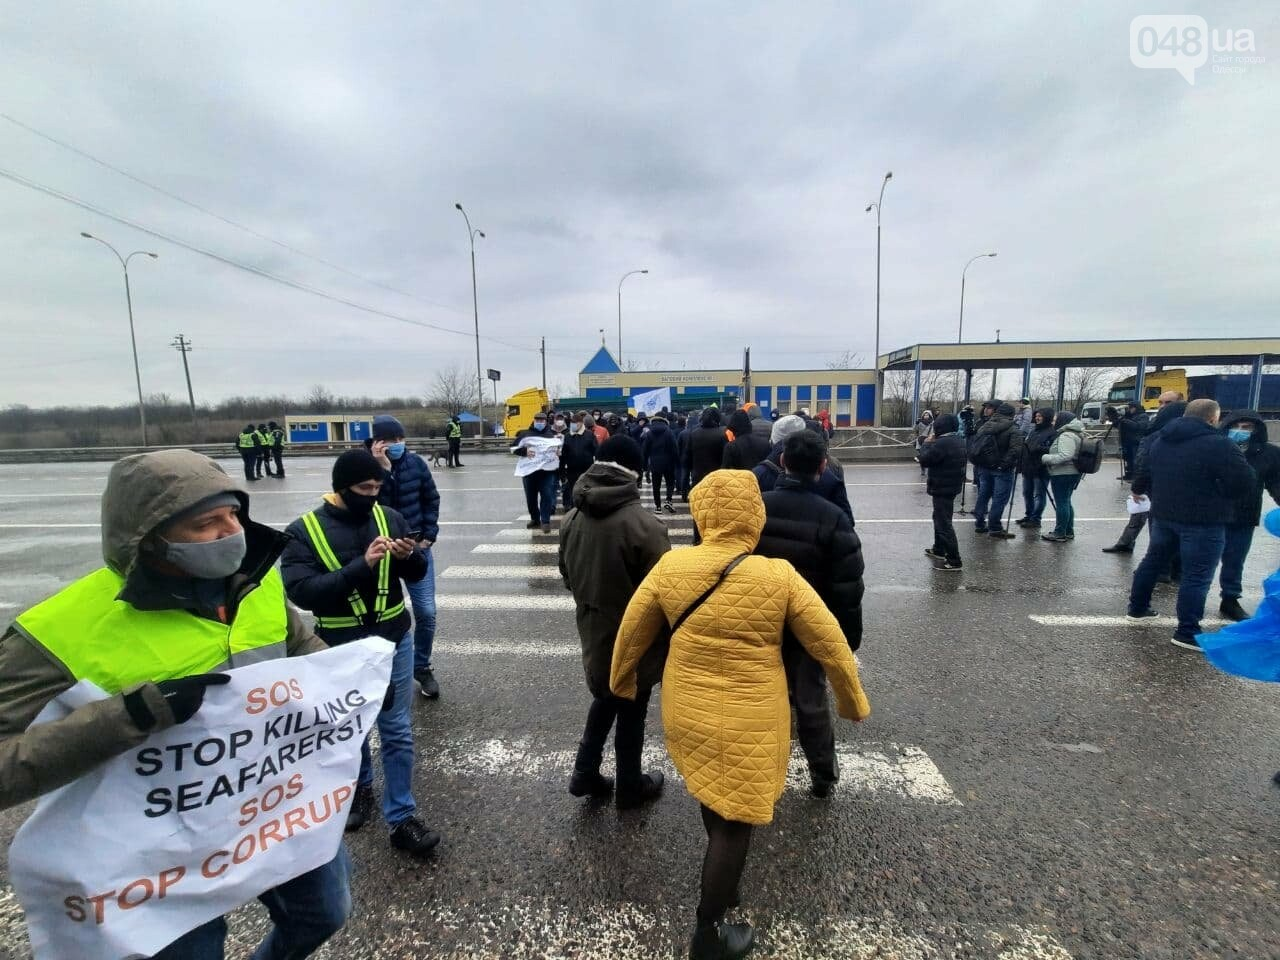 В Одессе моряки перекрыли трассу,- ФОТО, ВИДЕО, фото-7